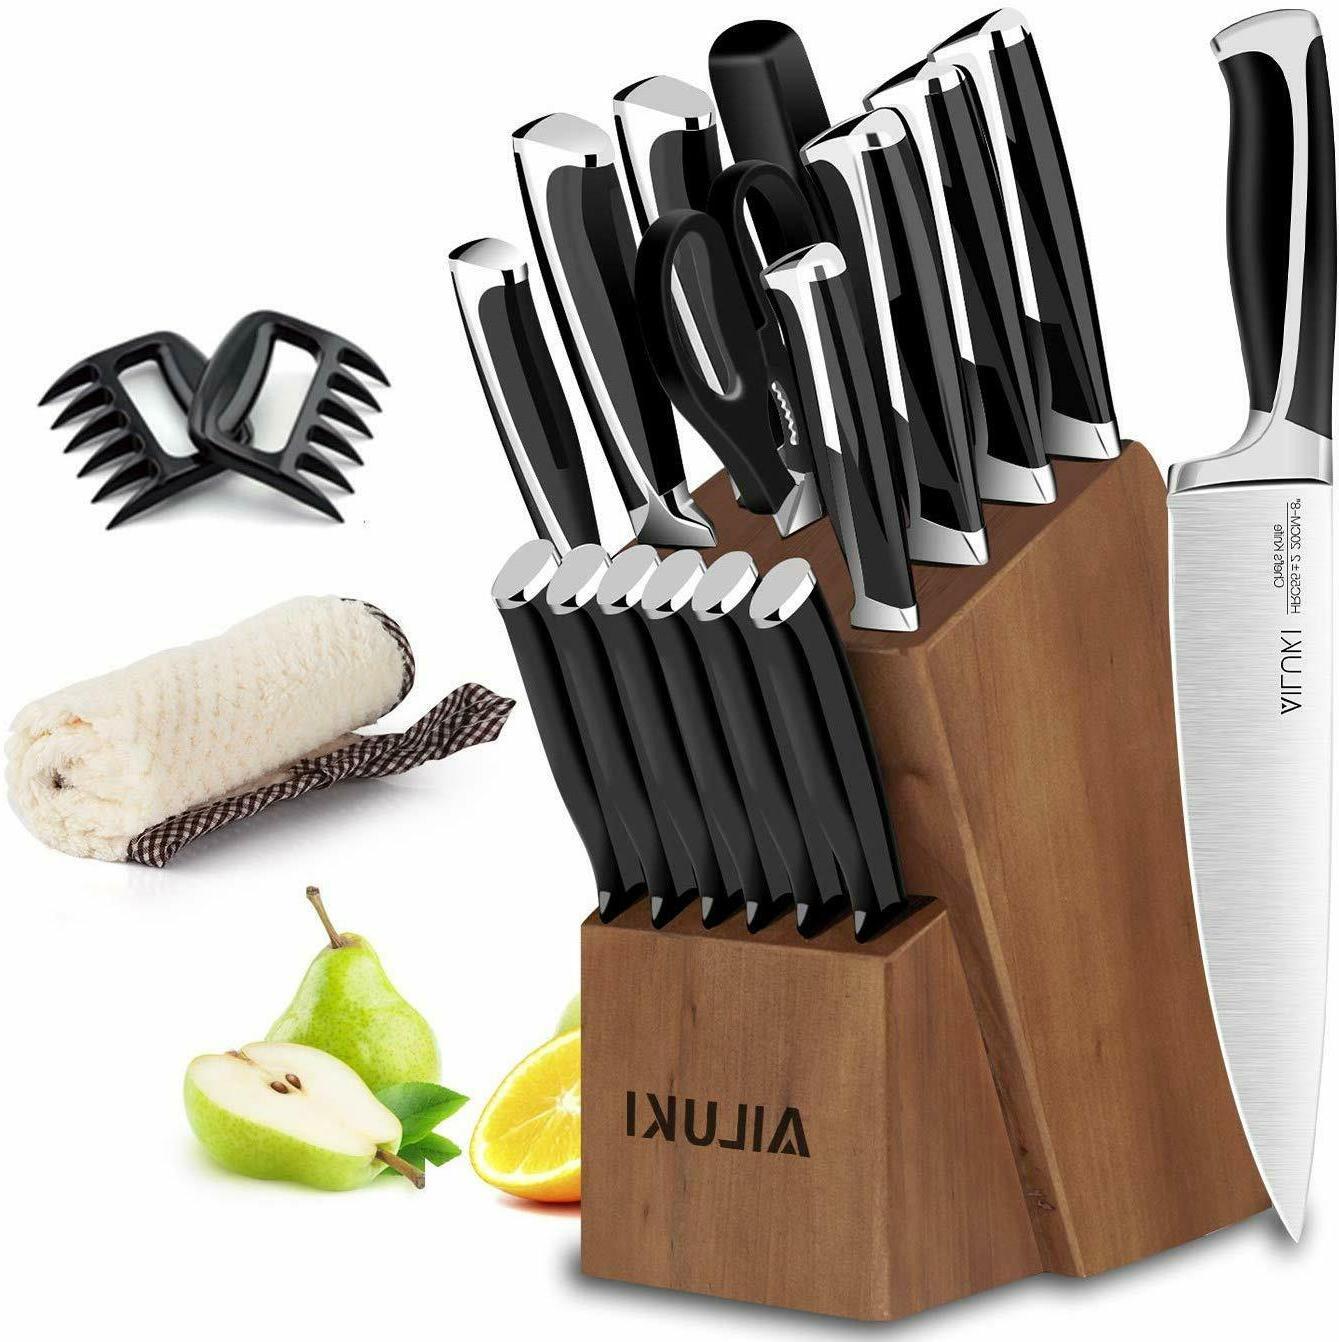 knife set 19 piece kitchen knife set